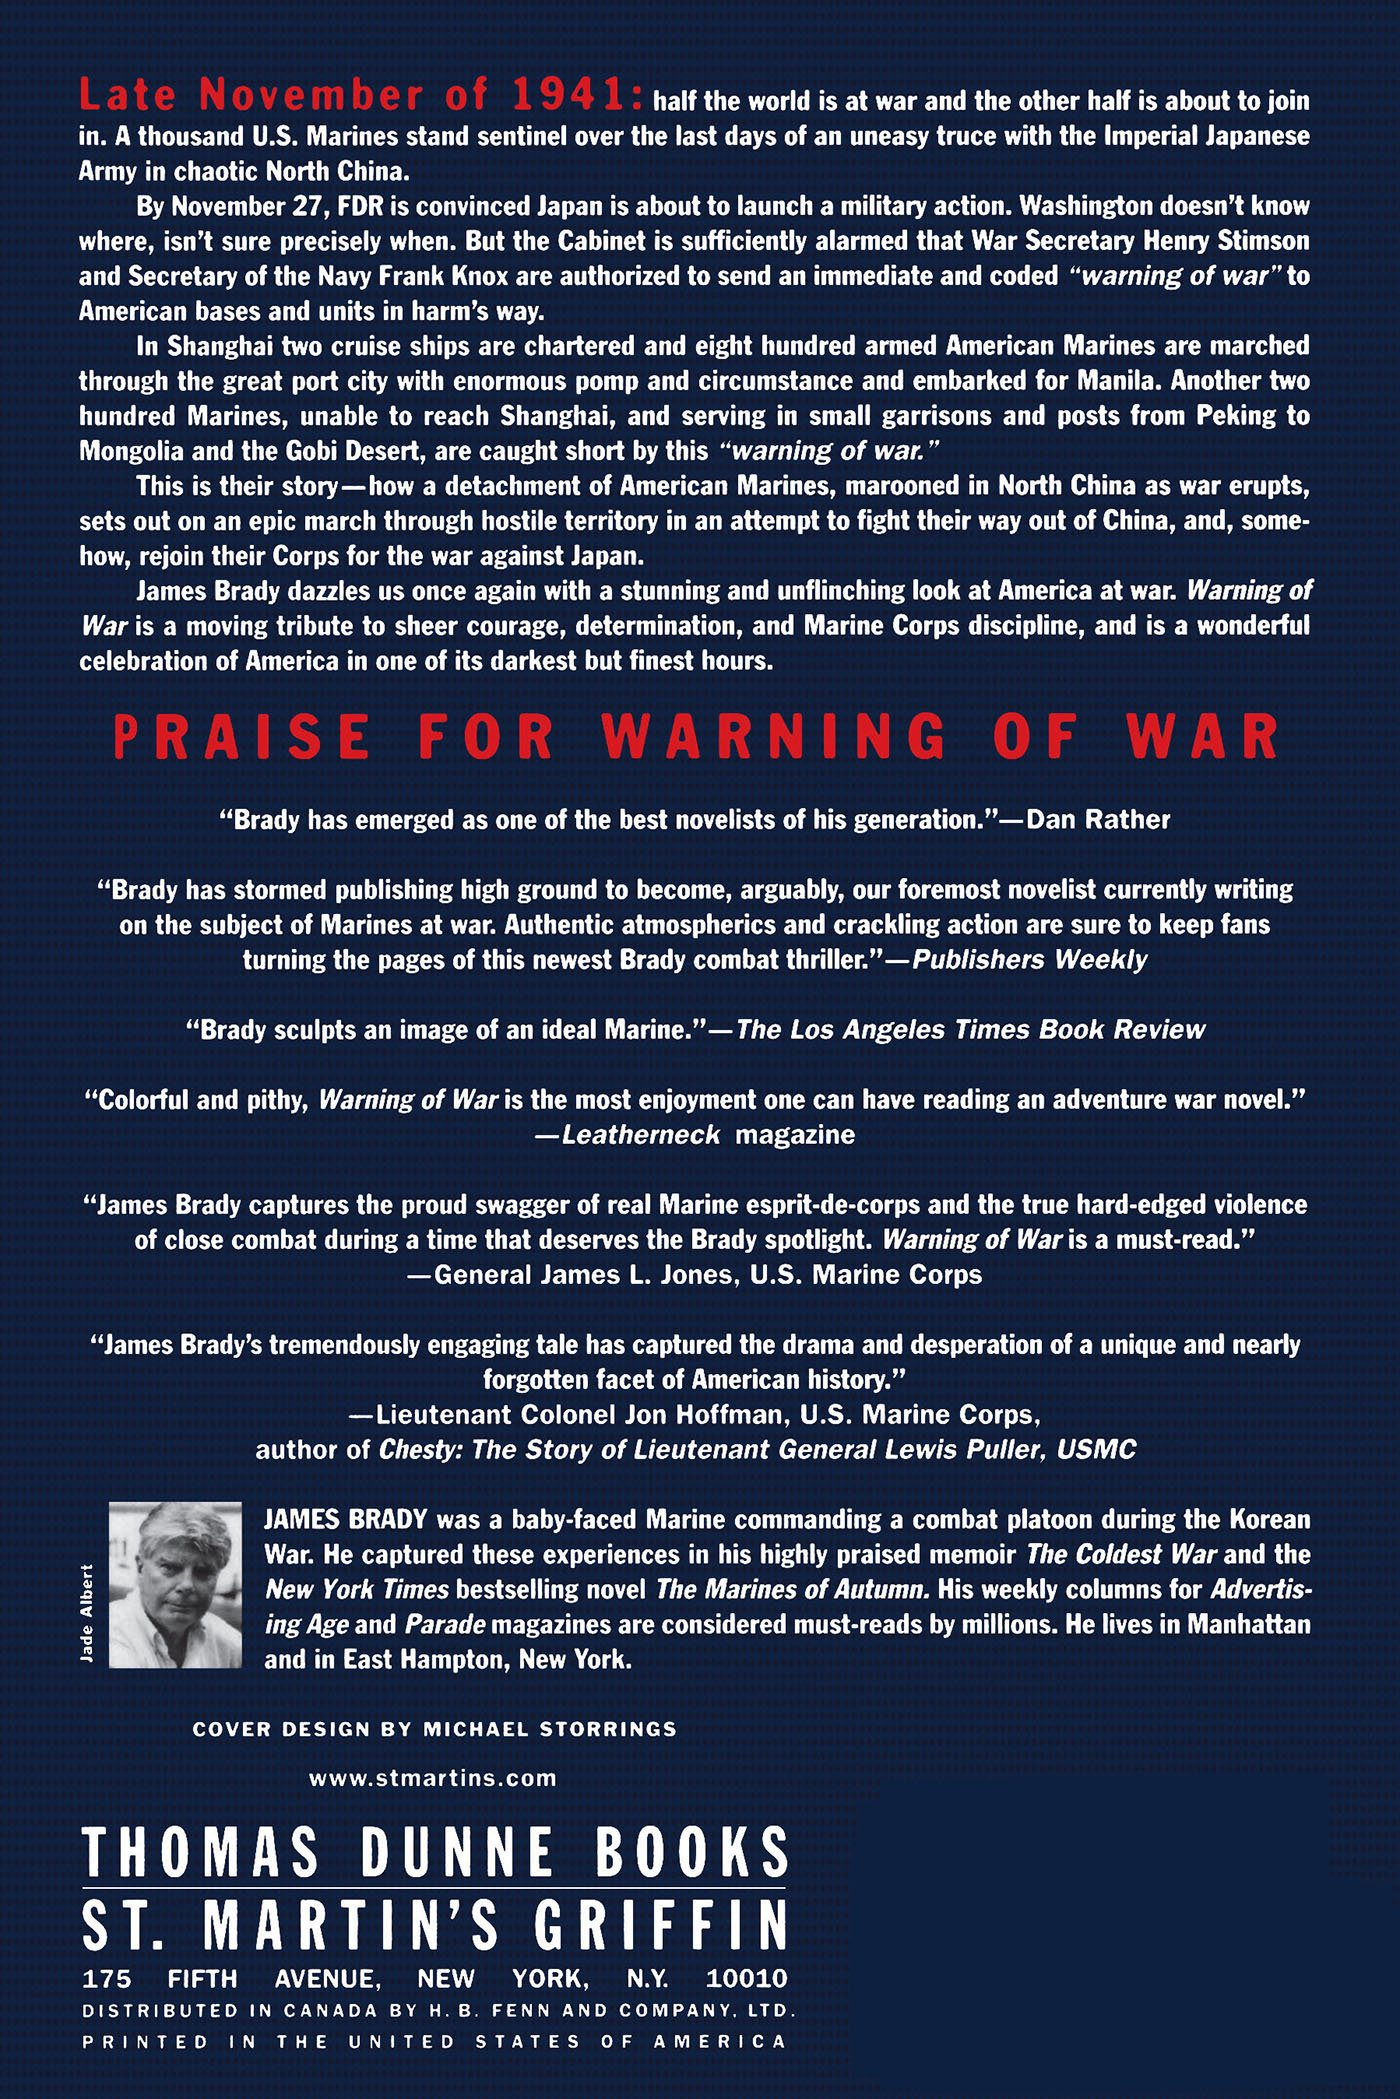 Amazon.com: Warning of War: A Novel of the North China Marines ...